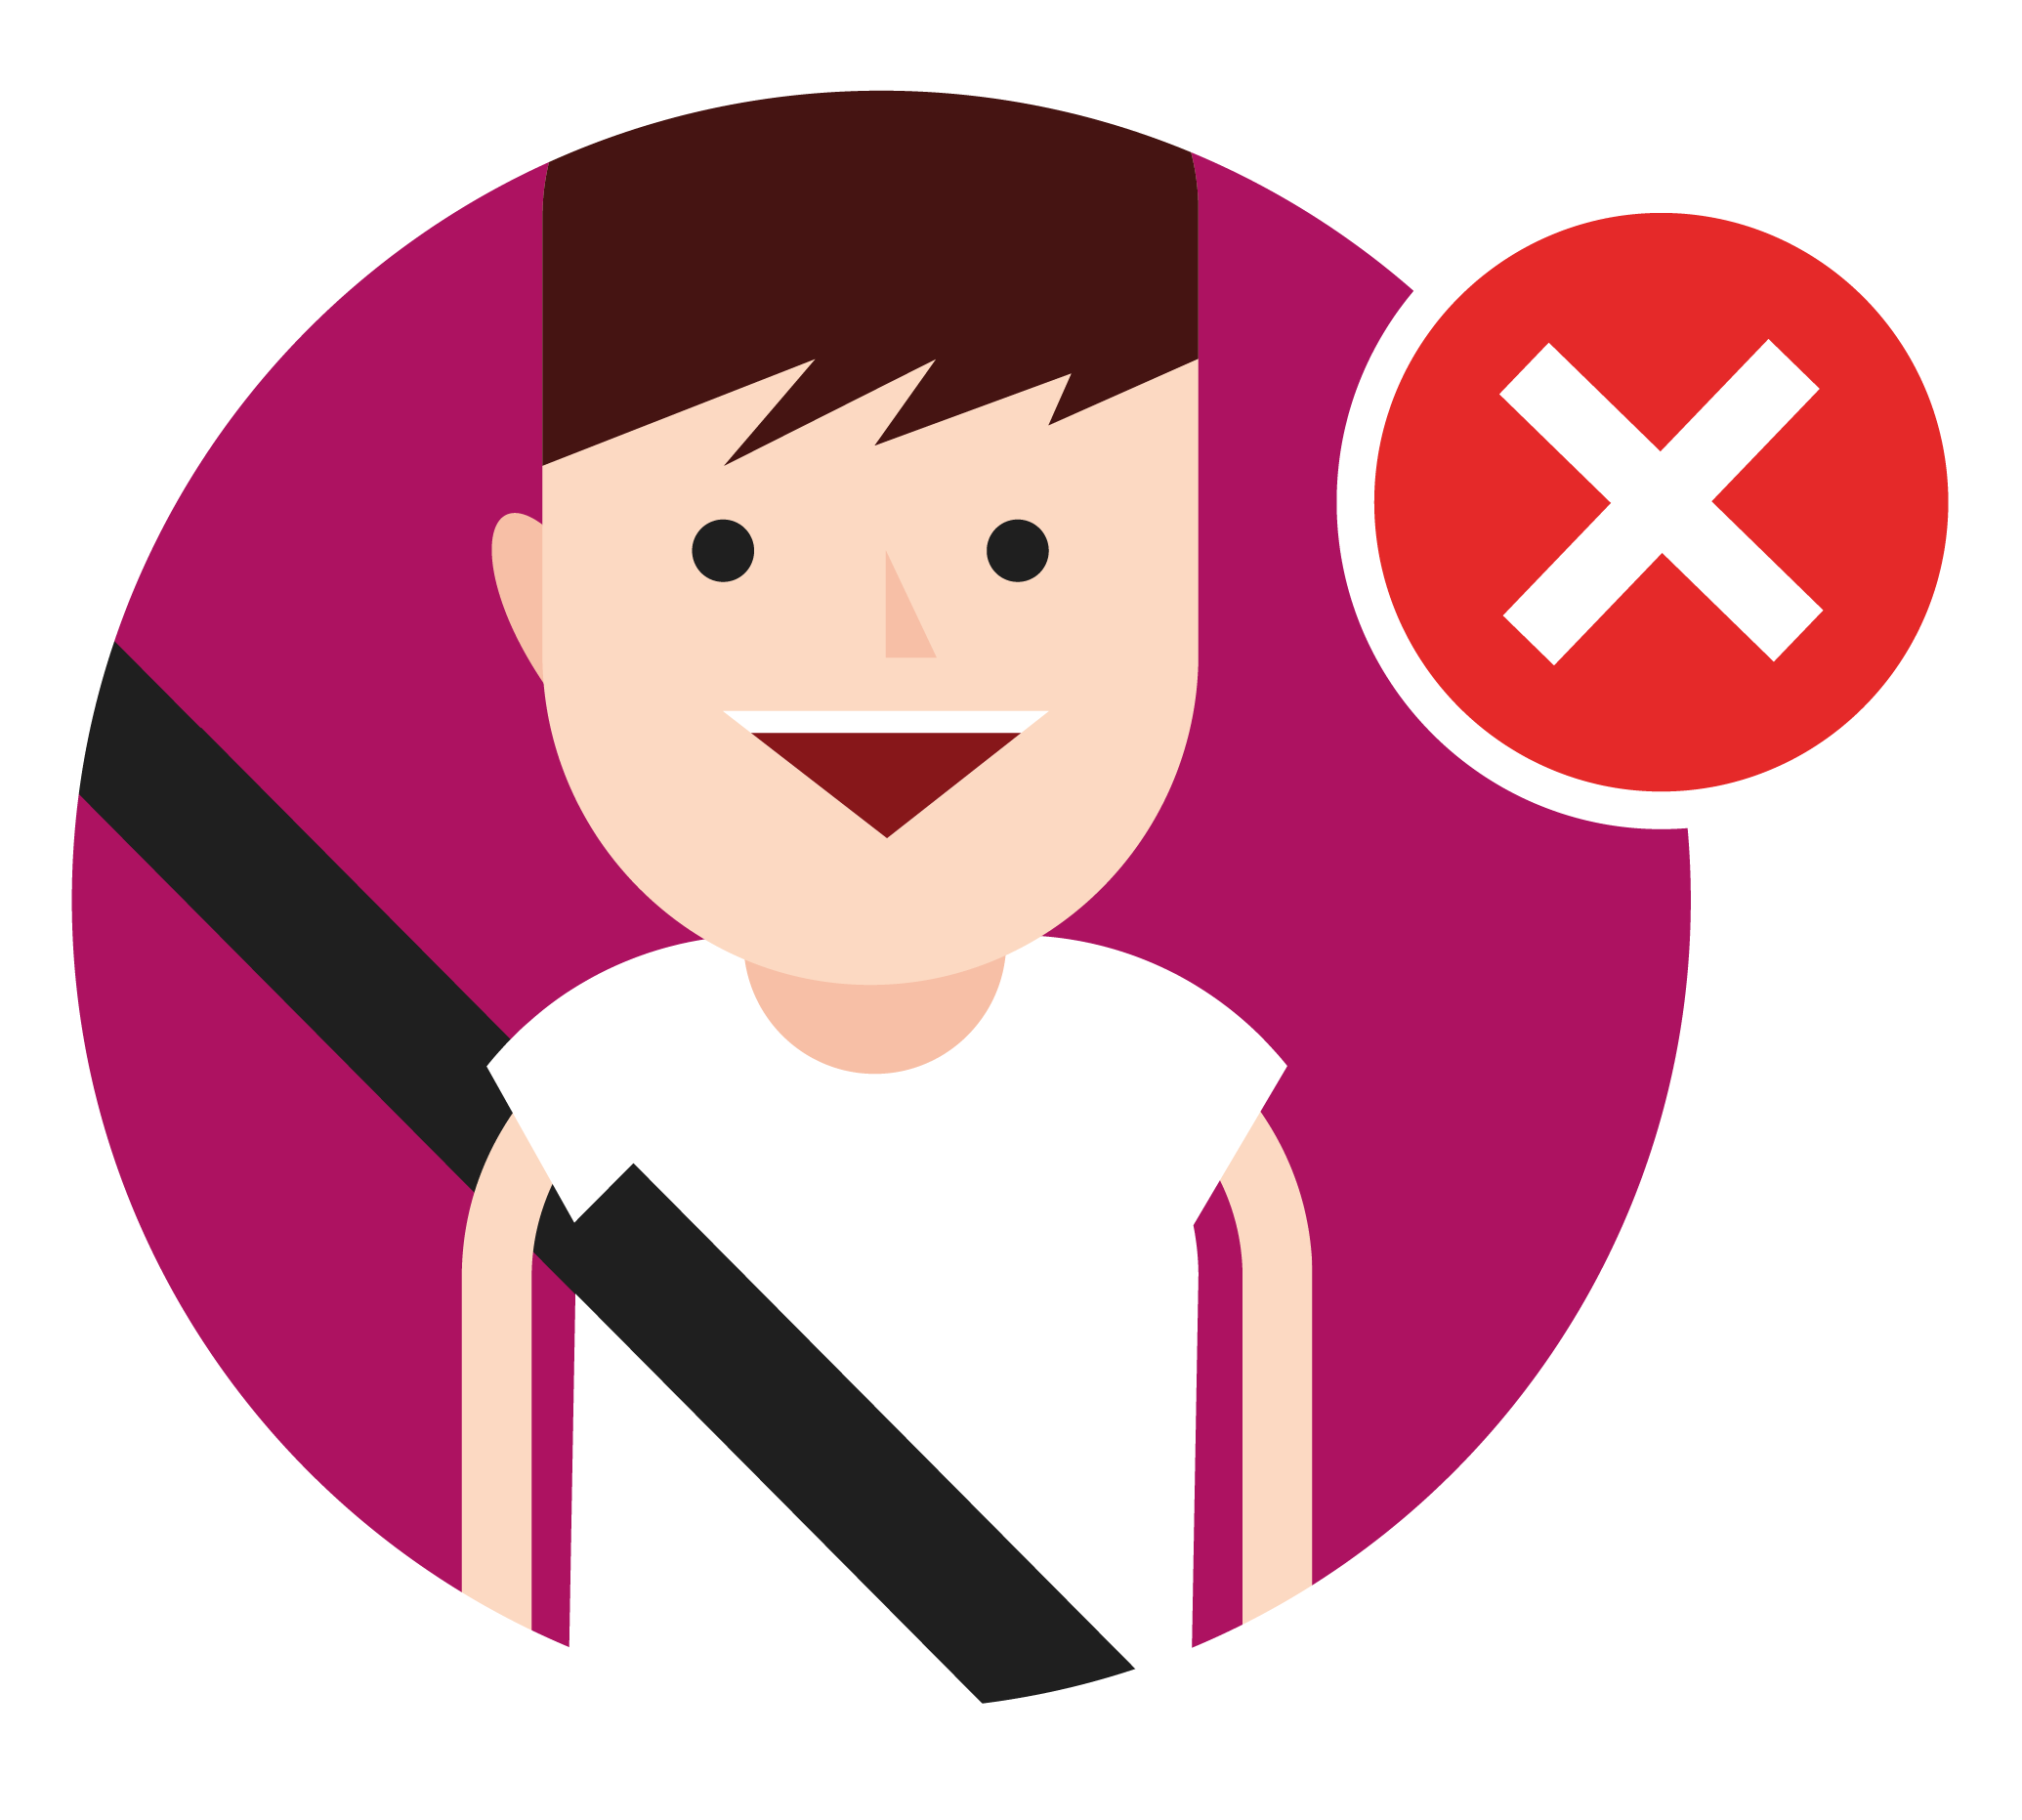 tekengebied 7 kopie 121x - Zo vervoer je je kinderen op een veilige manier